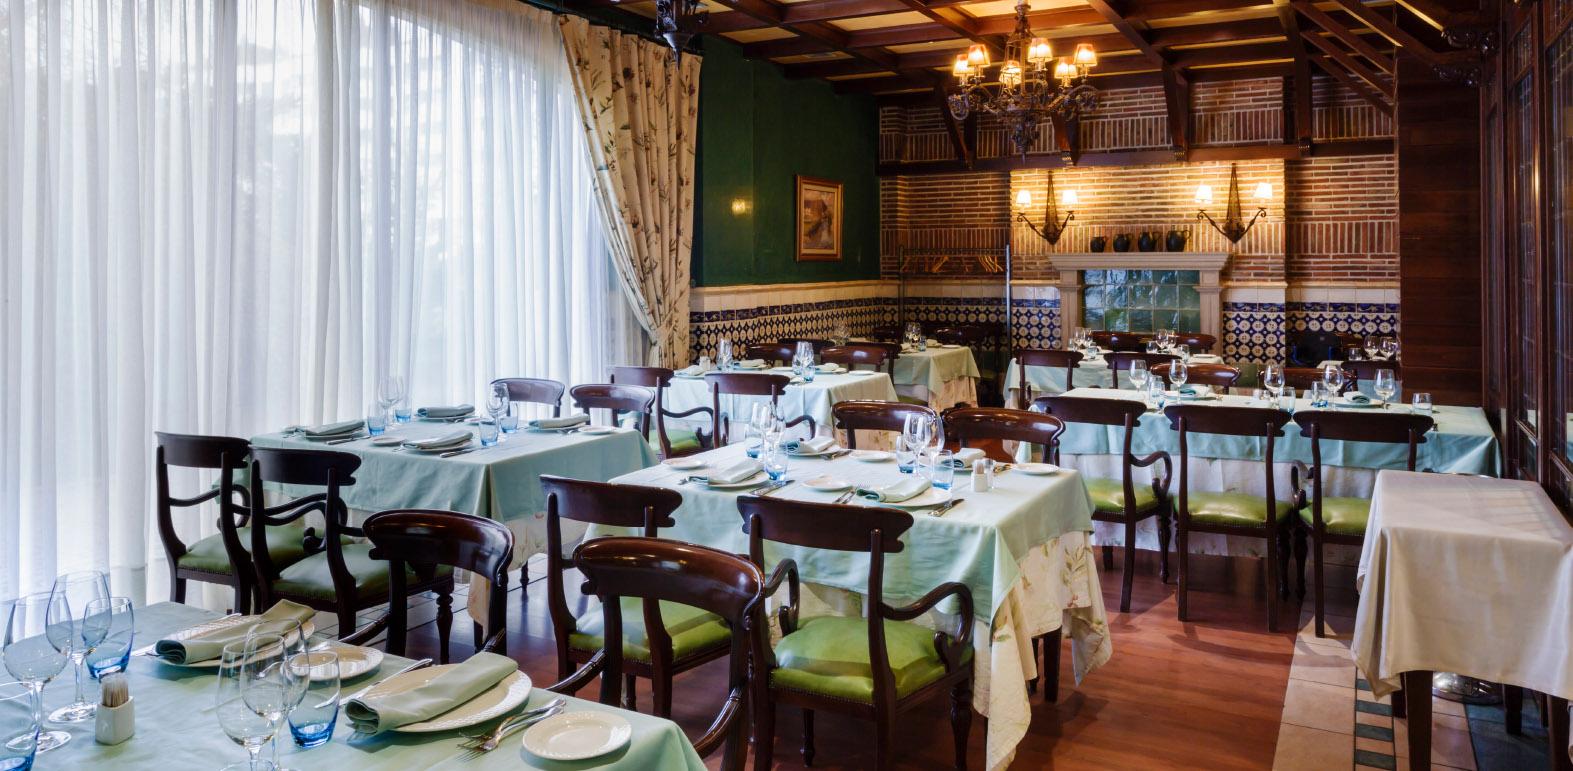 Bodega - Hotel Azofra | Burgos